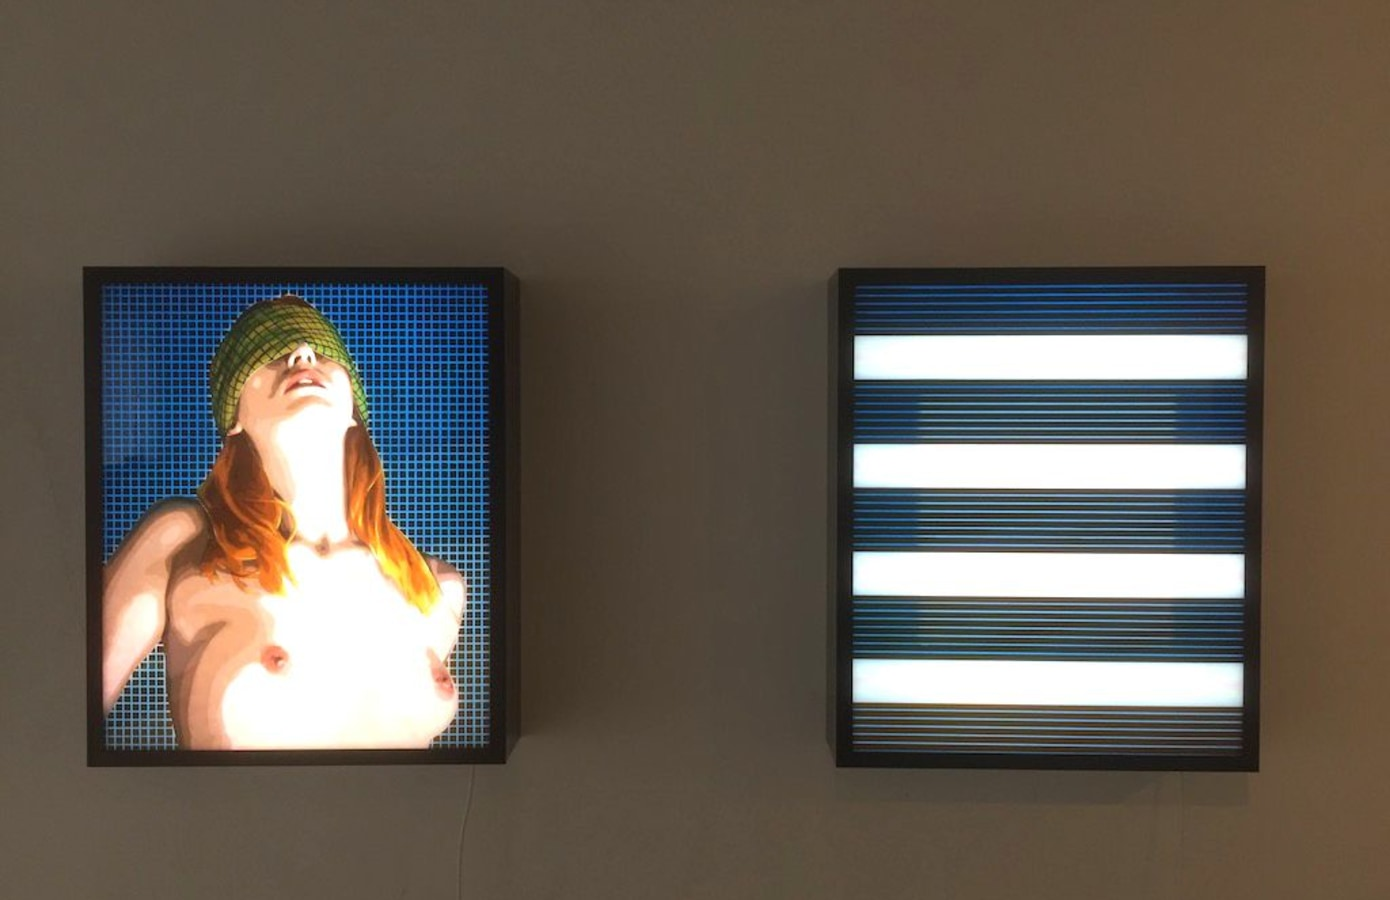 Art Rotterdam 2019, Bram Braam, Tom Woestenborghs, Midas Zwaan,